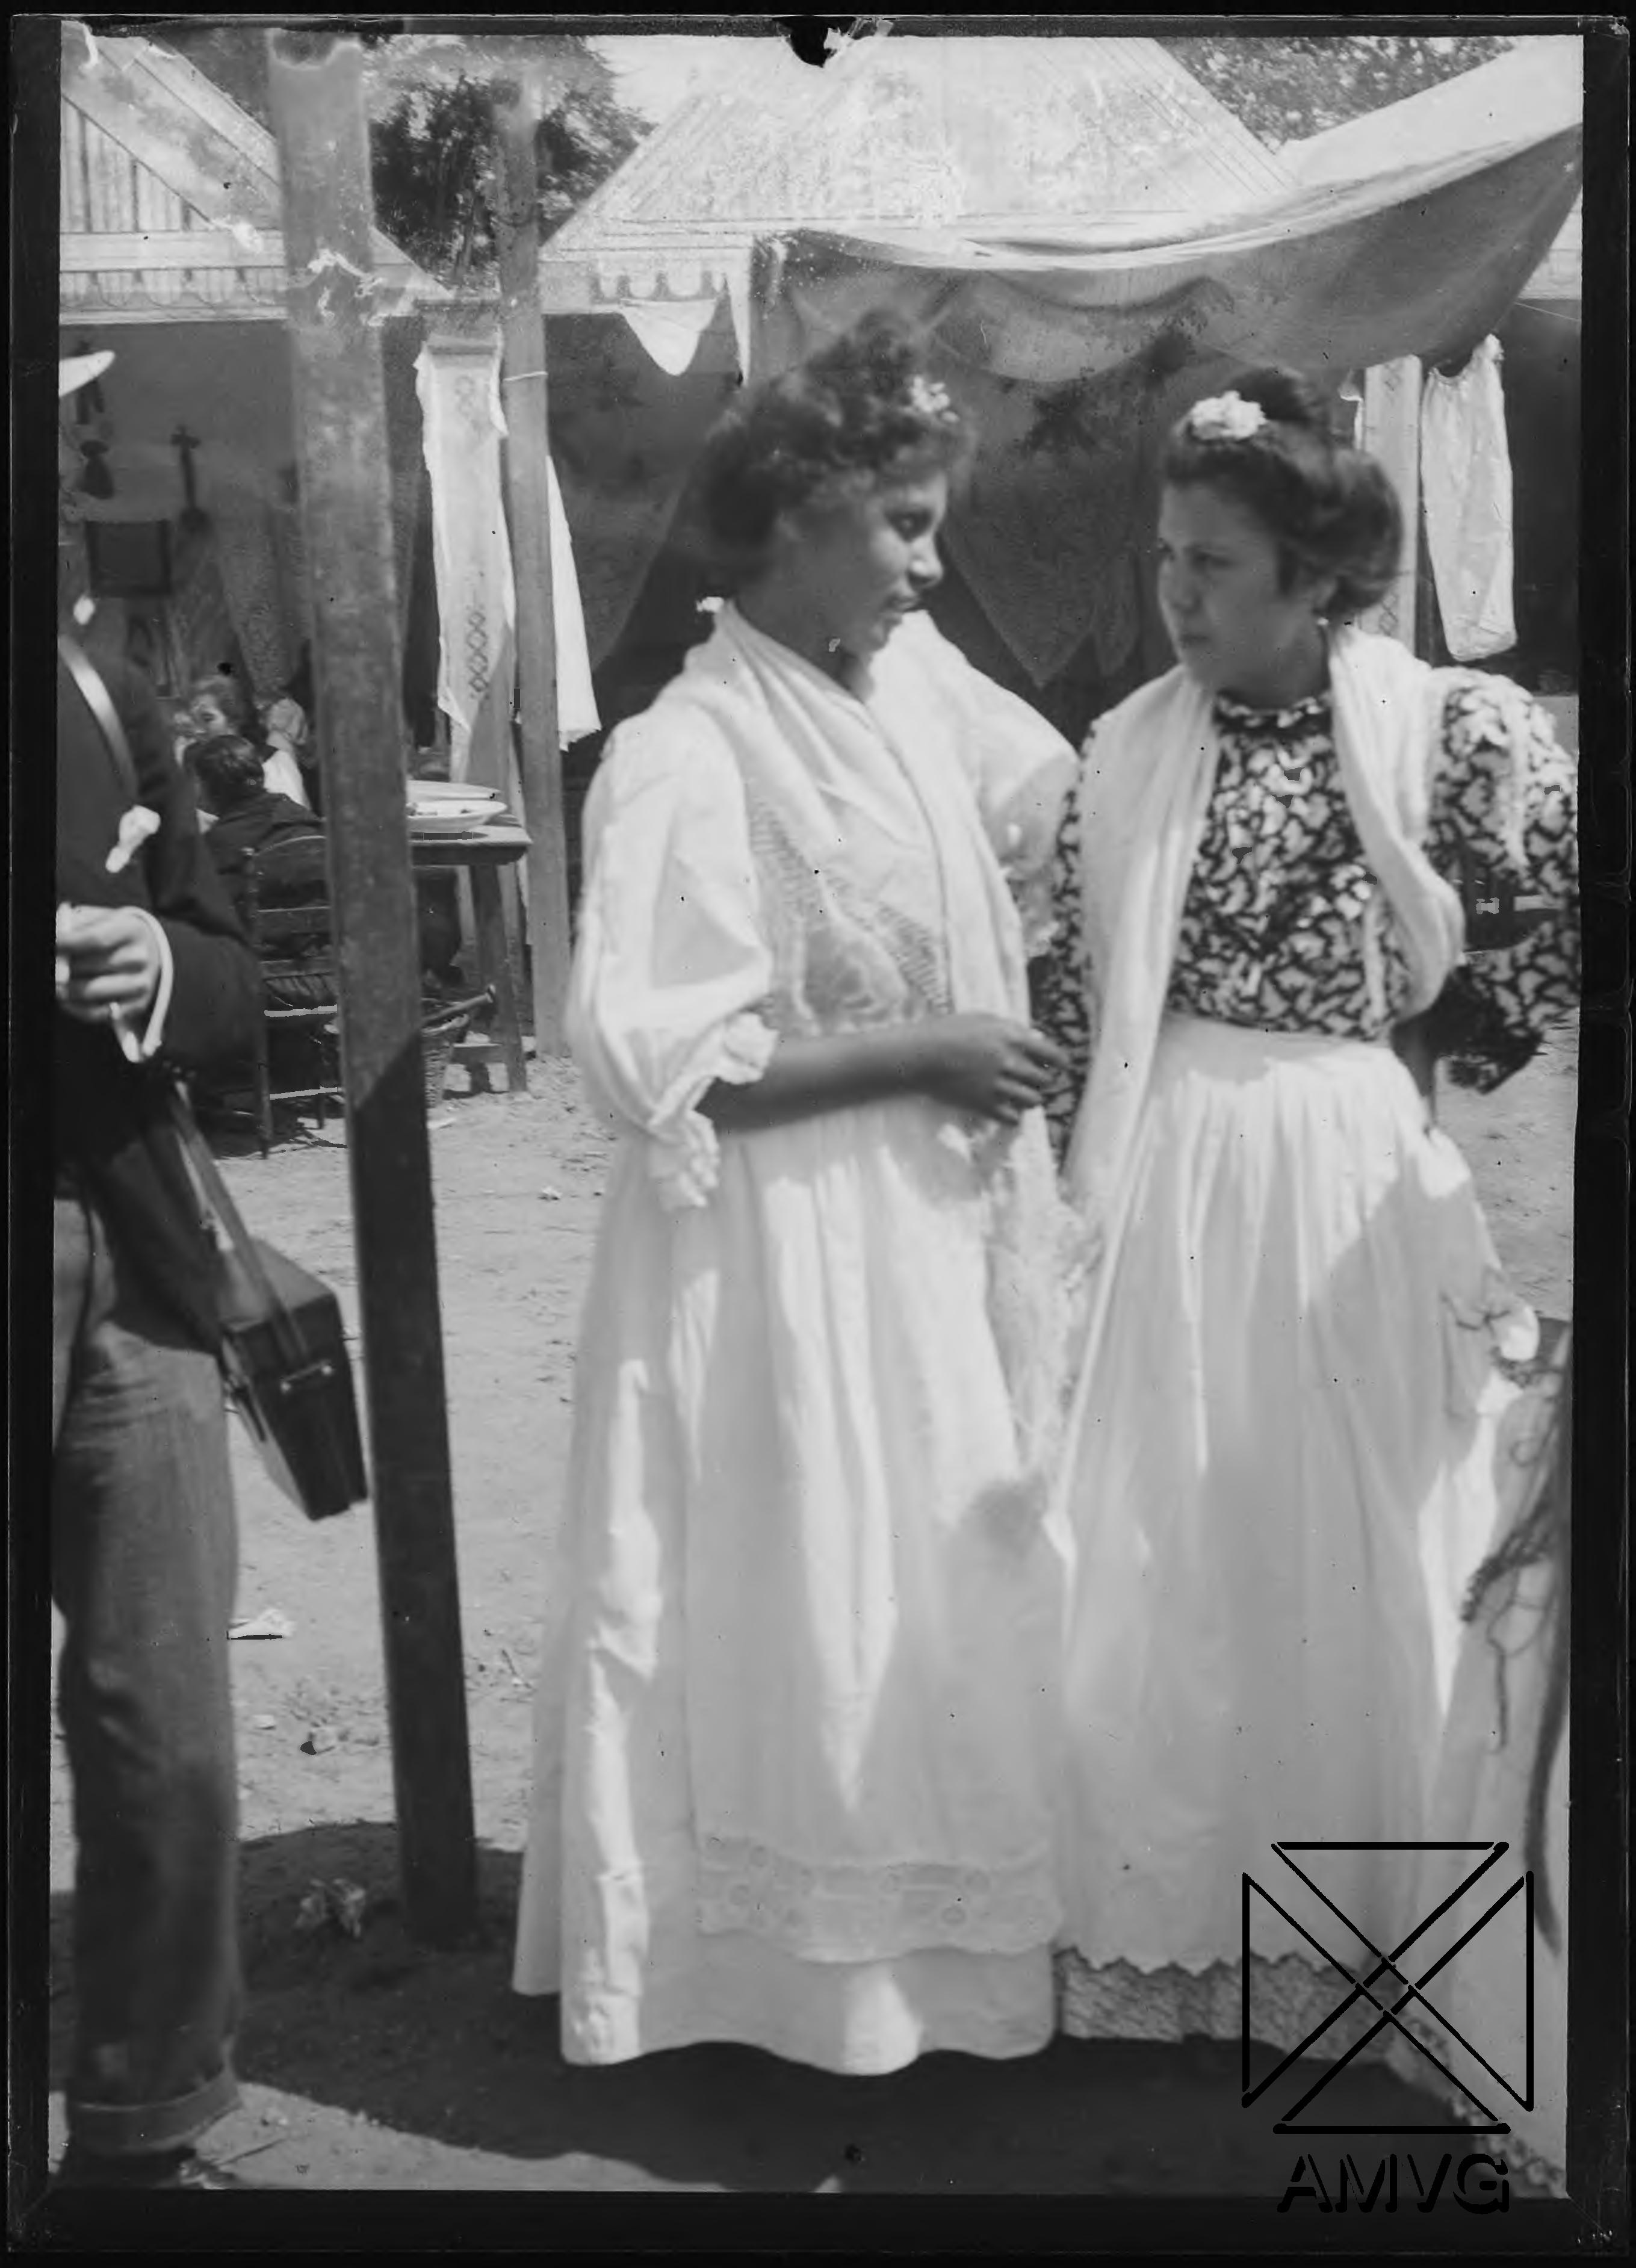 Dos mujeres en la Feria de Abril, Sevilla